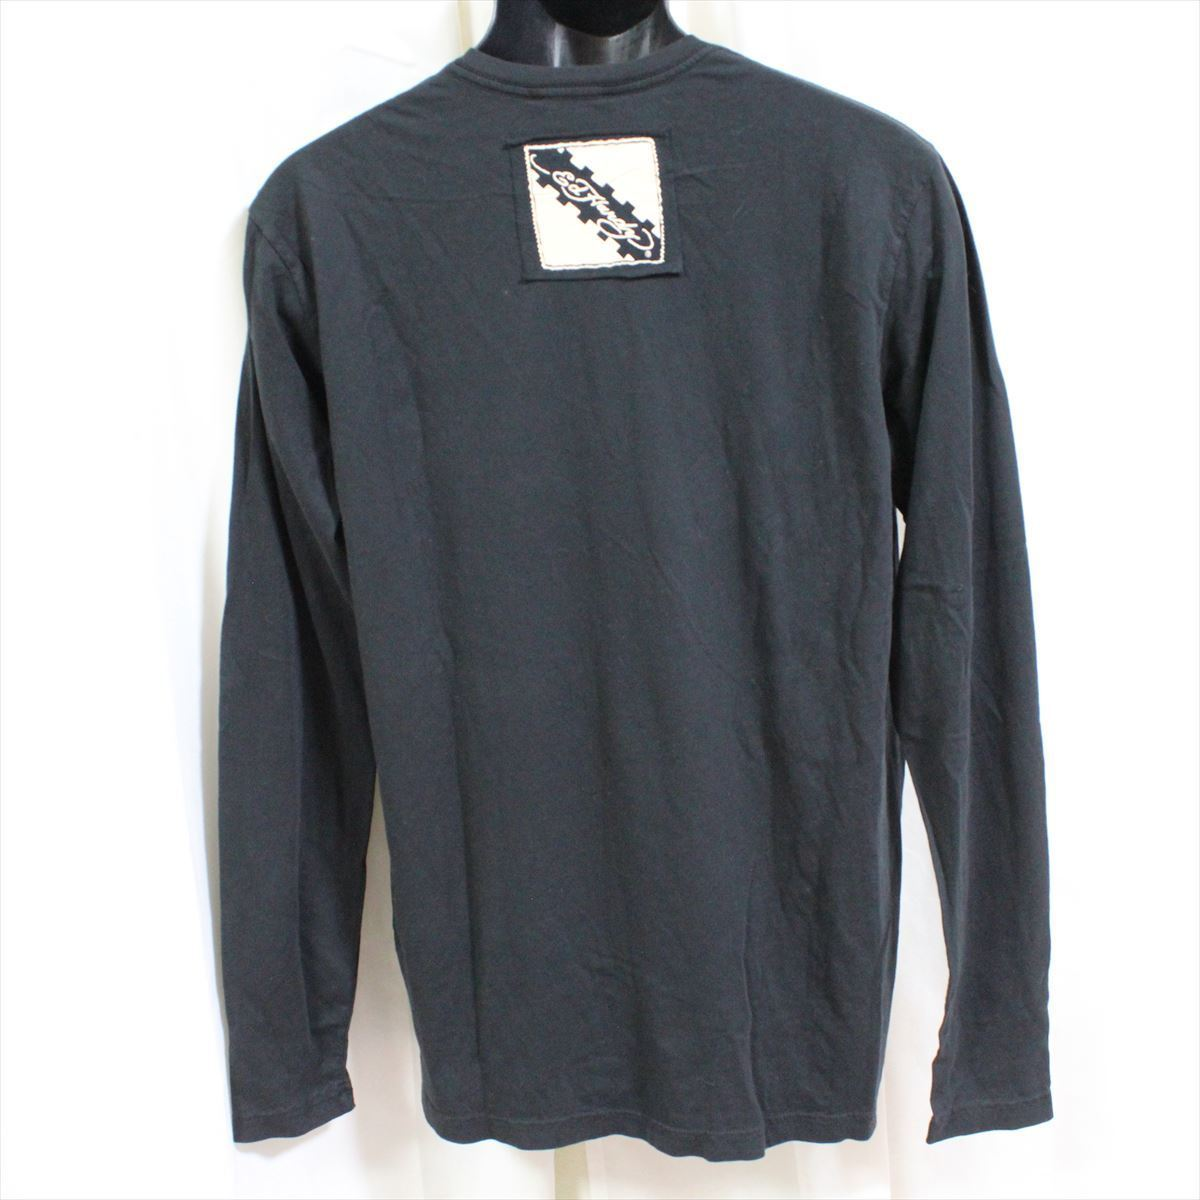 エドハーディー ED HARDY メンズ長袖Tシャツ ブラック Mサイズ LT409 新品 ドン・エド・ハーディー_画像4